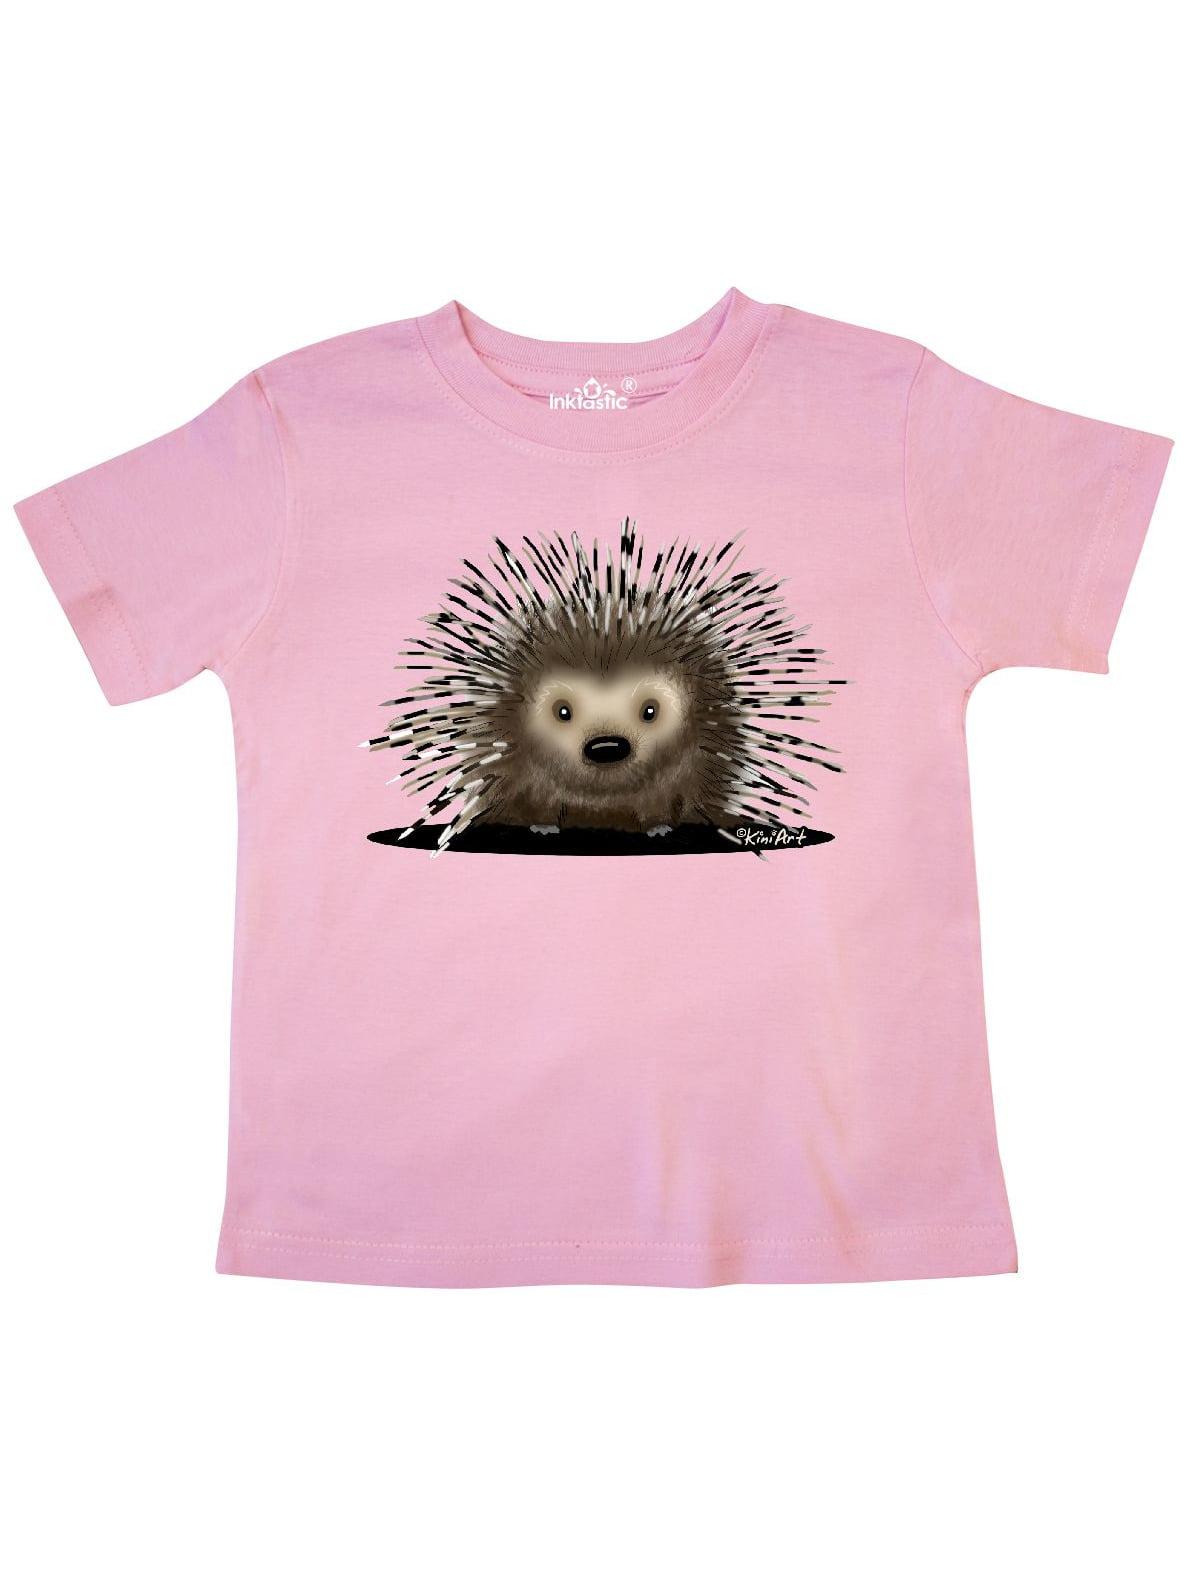 Porcupine Toddler T-Shirt - KiniArt